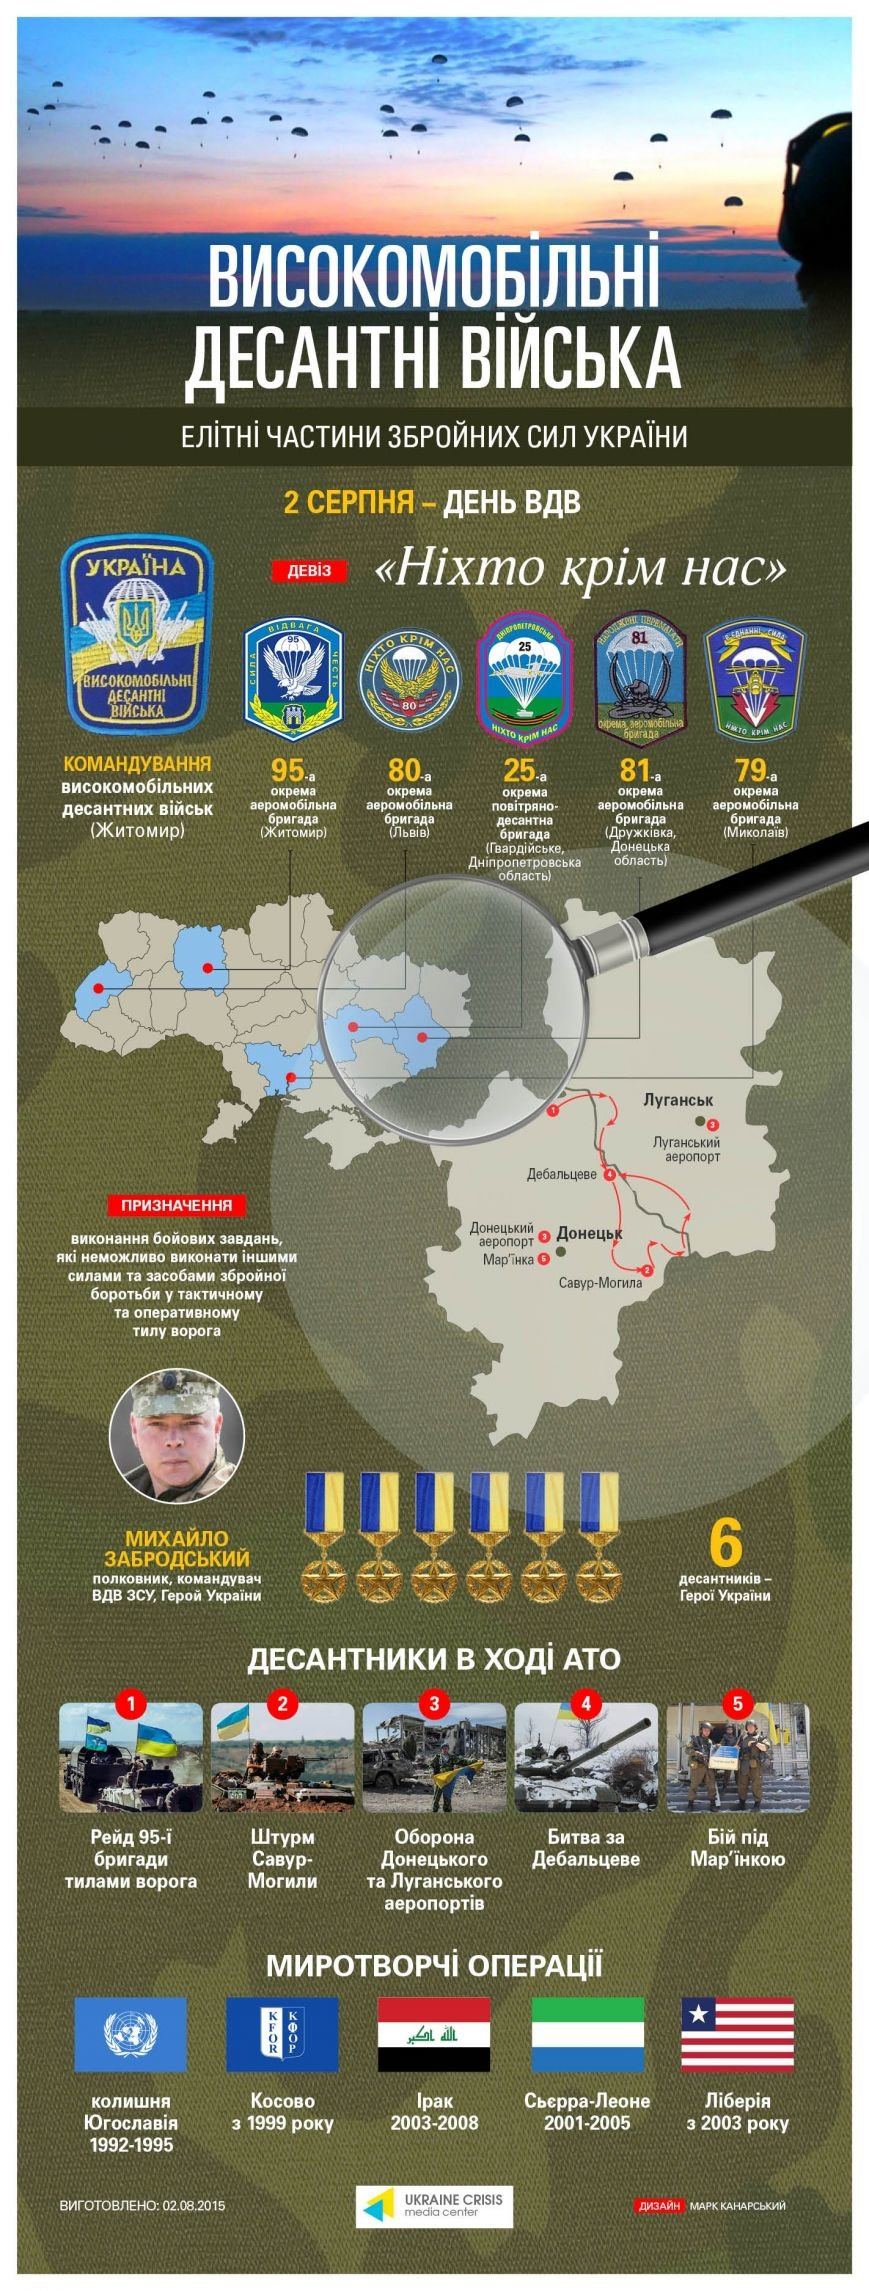 День ВДВ в Украине: второй год в боевой обстановке, фото-2